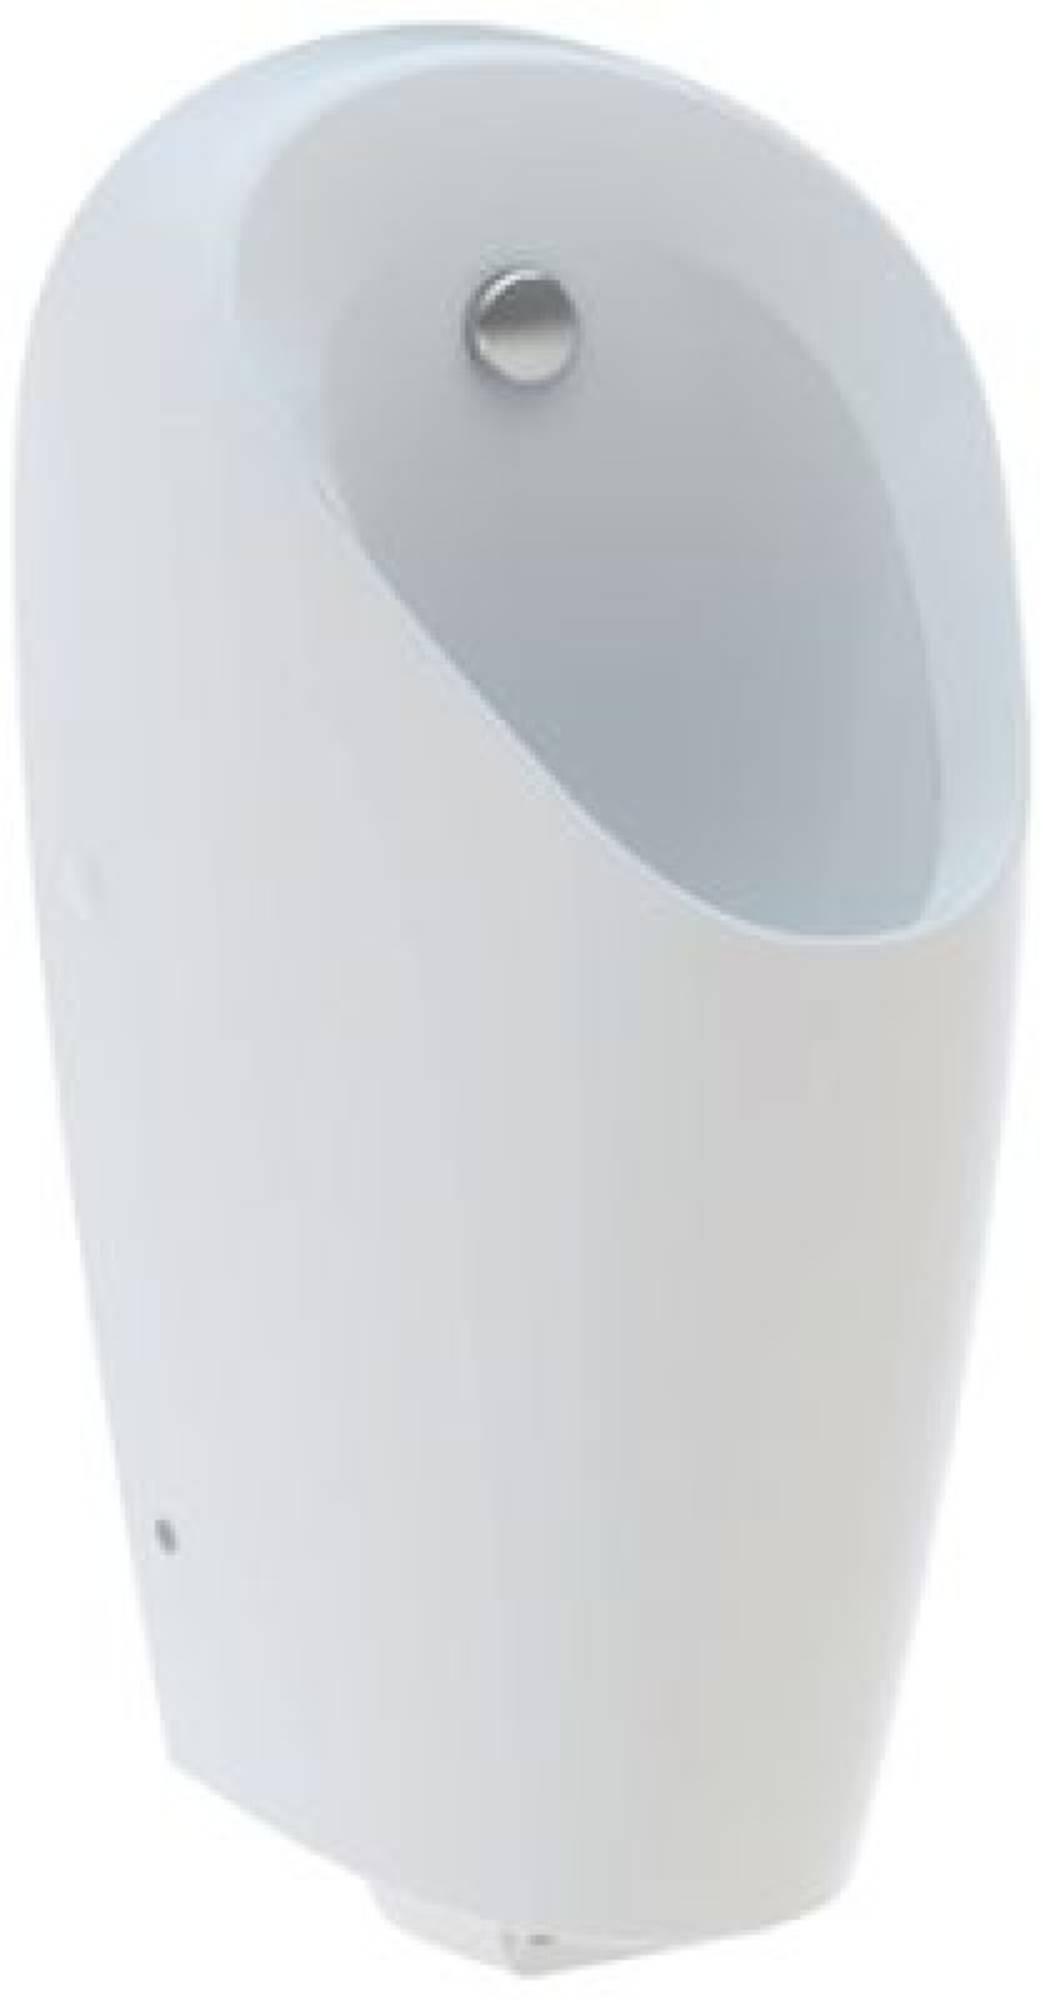 Geberit Selva urinoir achter inlaat wit